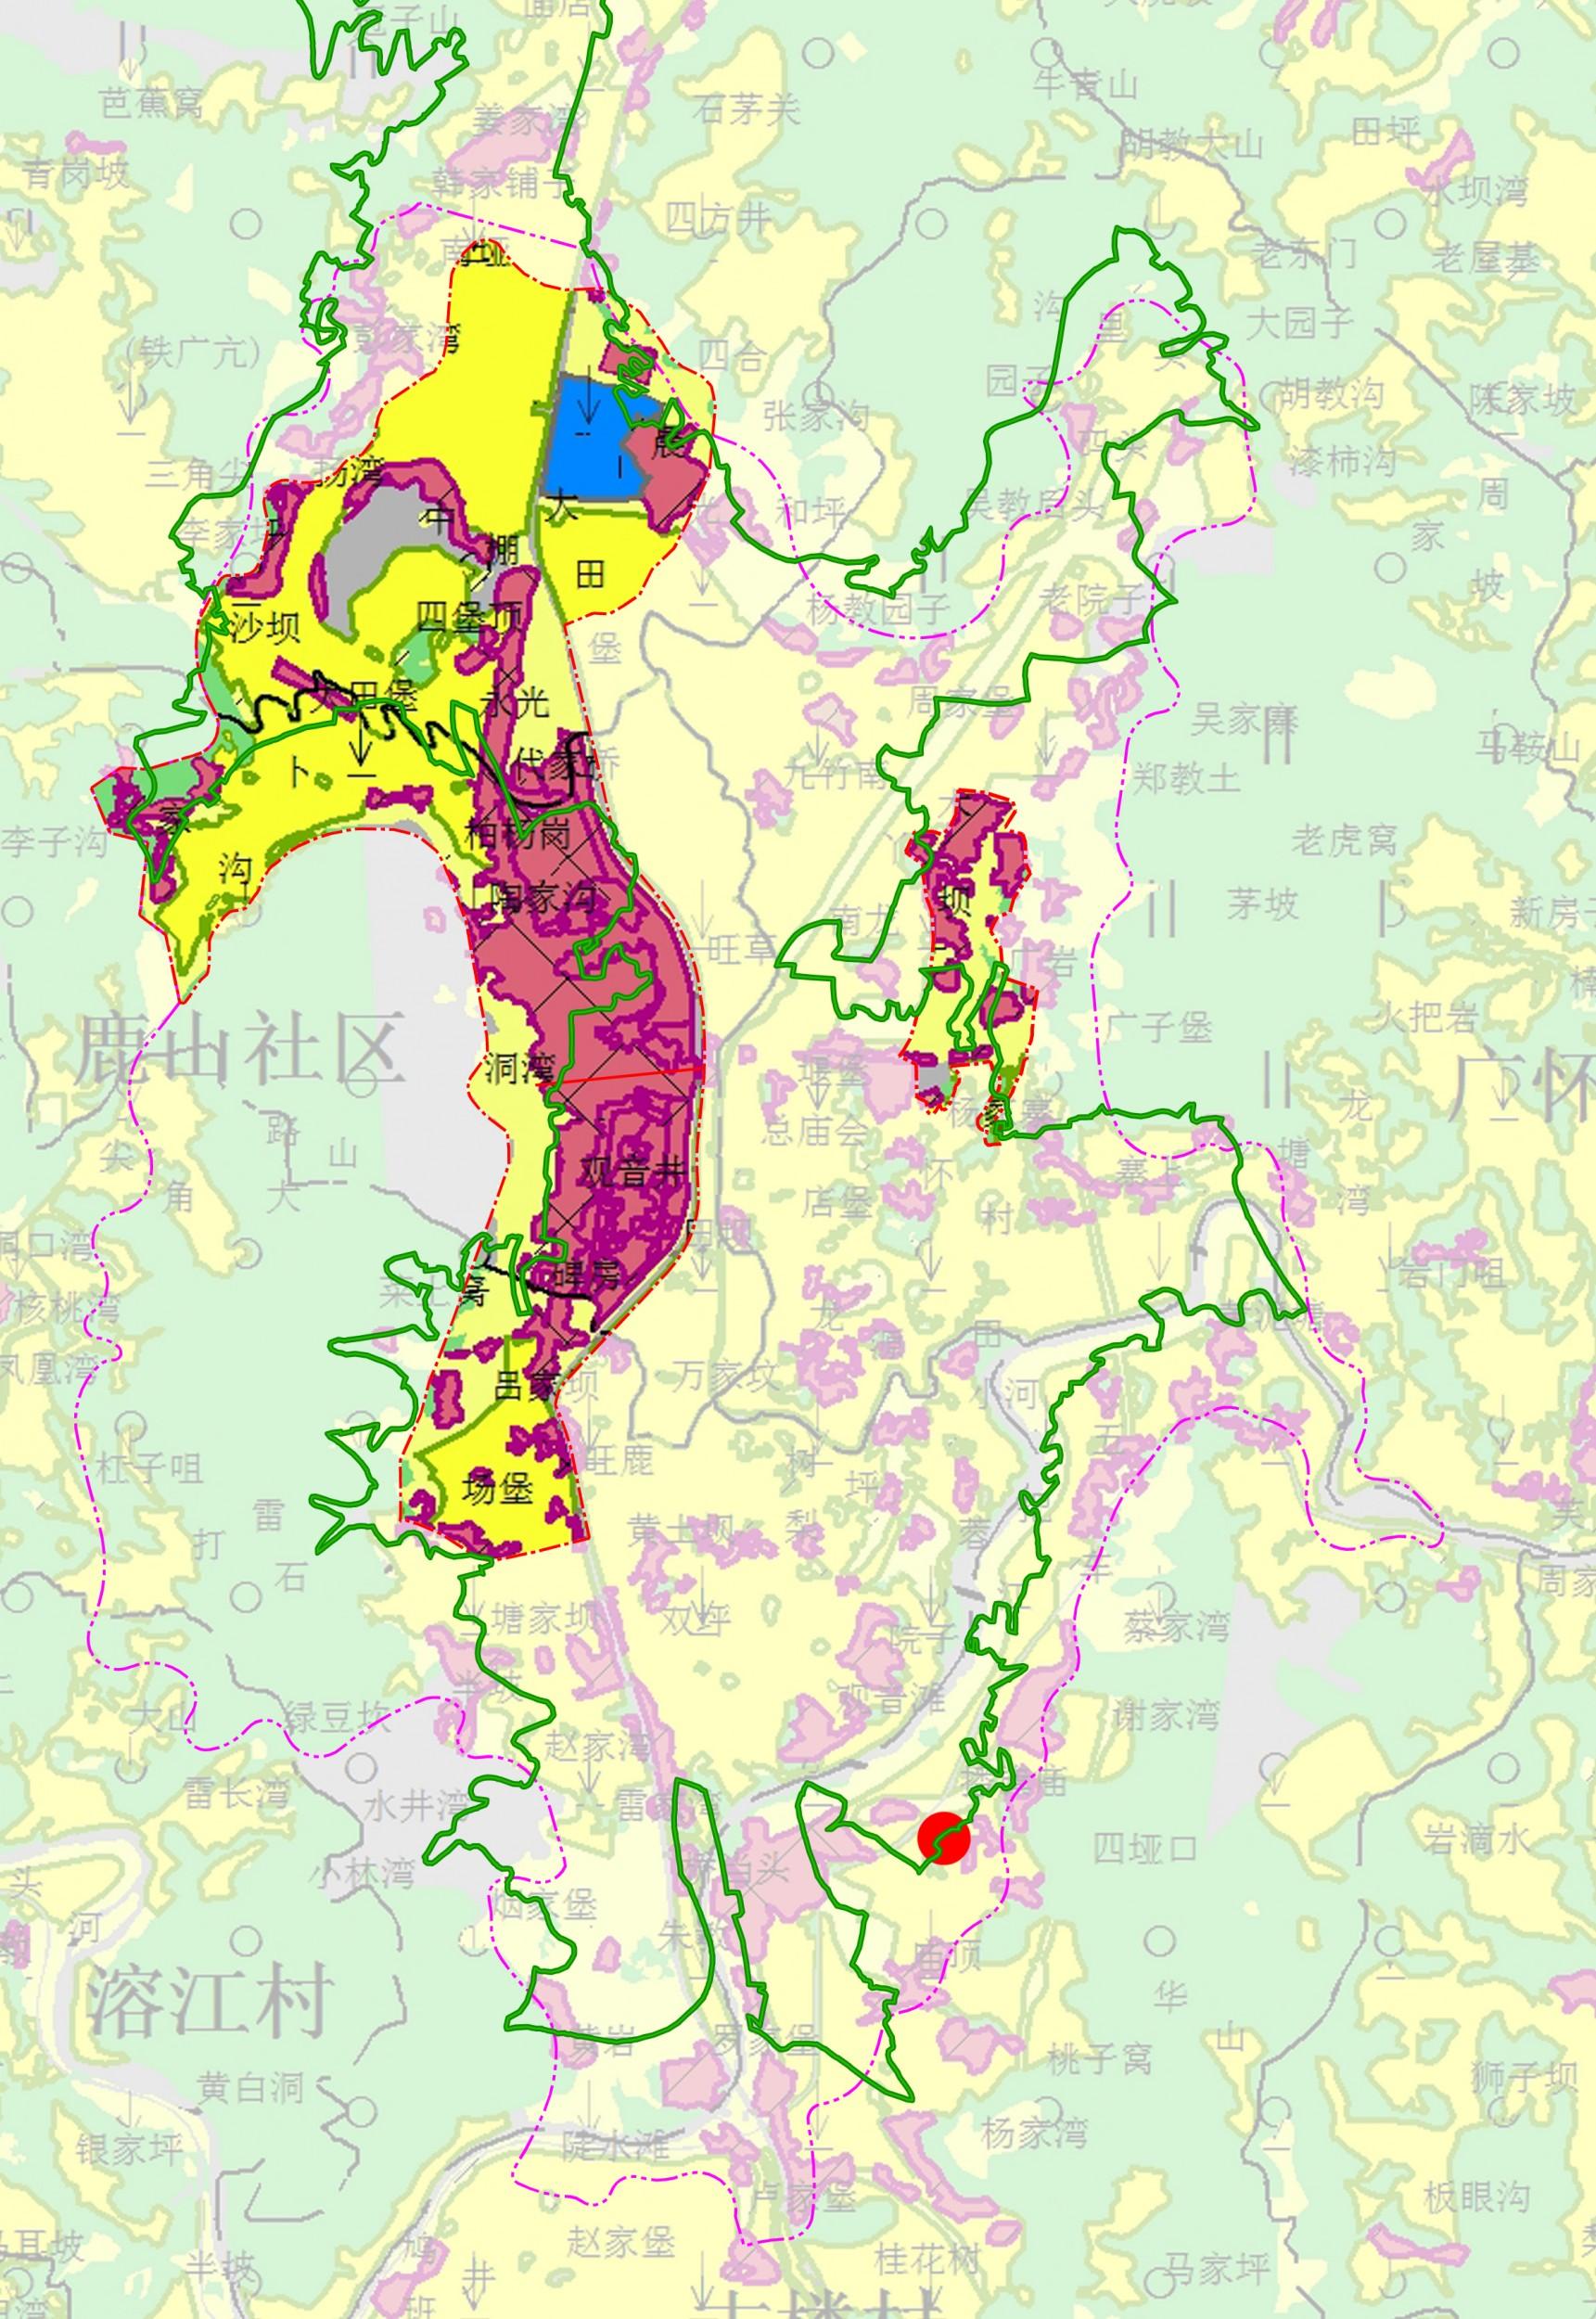 土地利用规划图0327-Model.jpg